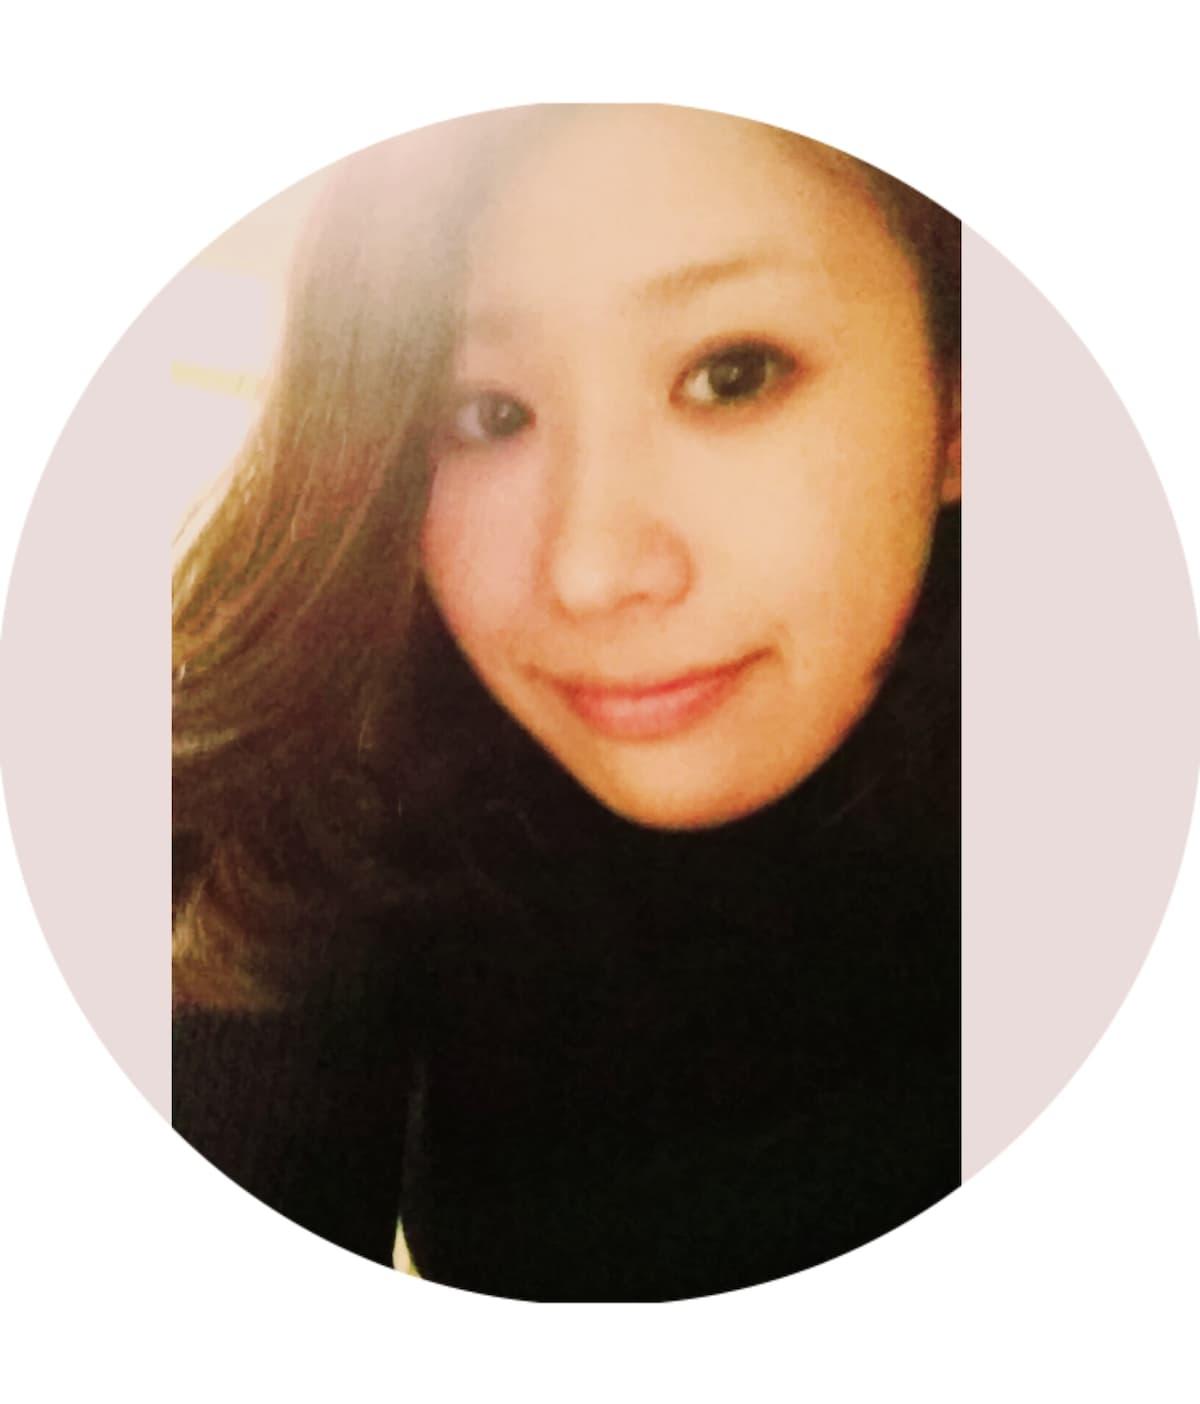 Maiko from Minato-ku